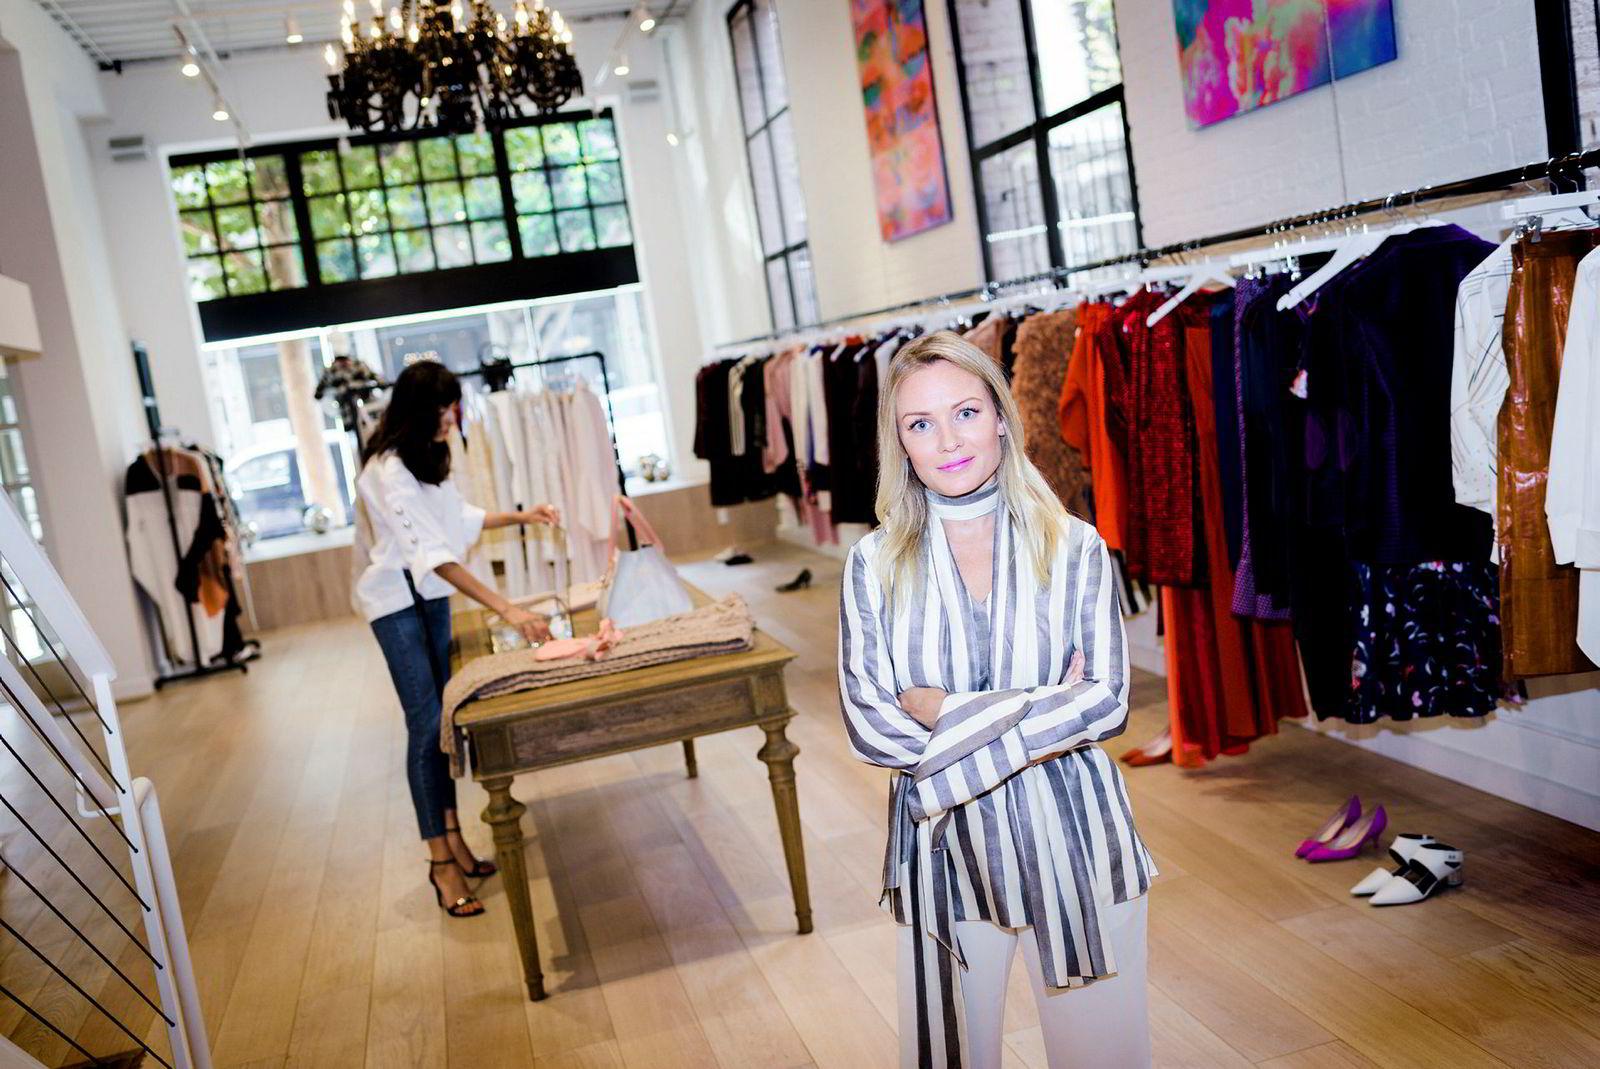 Norske Pia Pernille Øien Cohler er utdannet advokat, men driver i dag designbutikken «Pia» i San Francisco hvor hun er bosatt til vanlig.